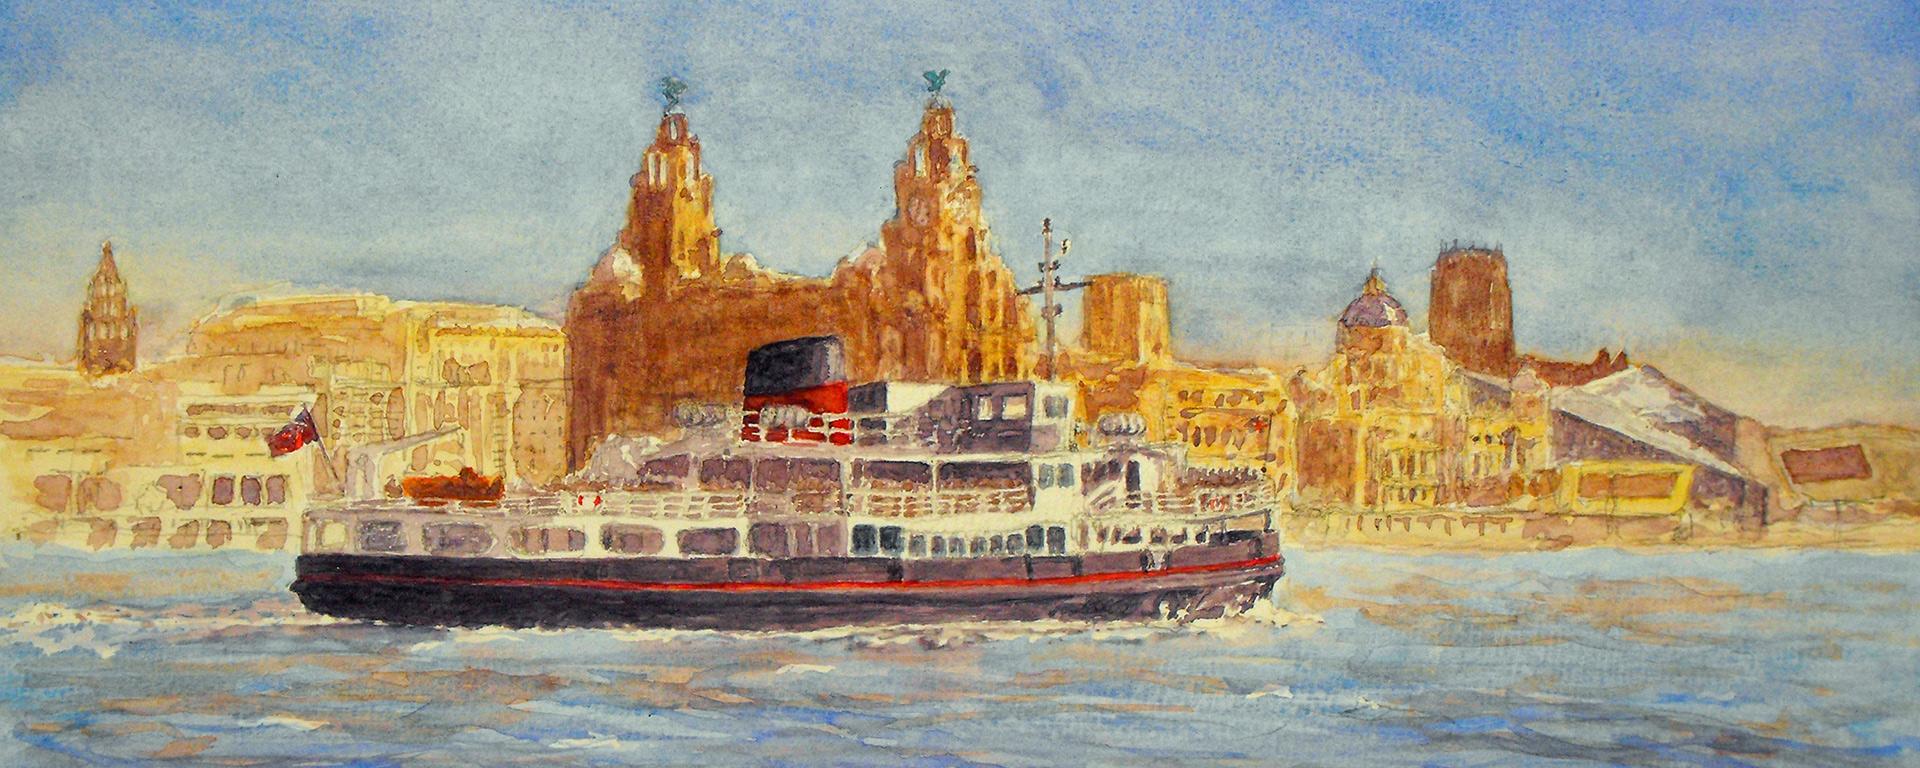 LOST17: Mike Greatbanks: Liverpool Open Studios